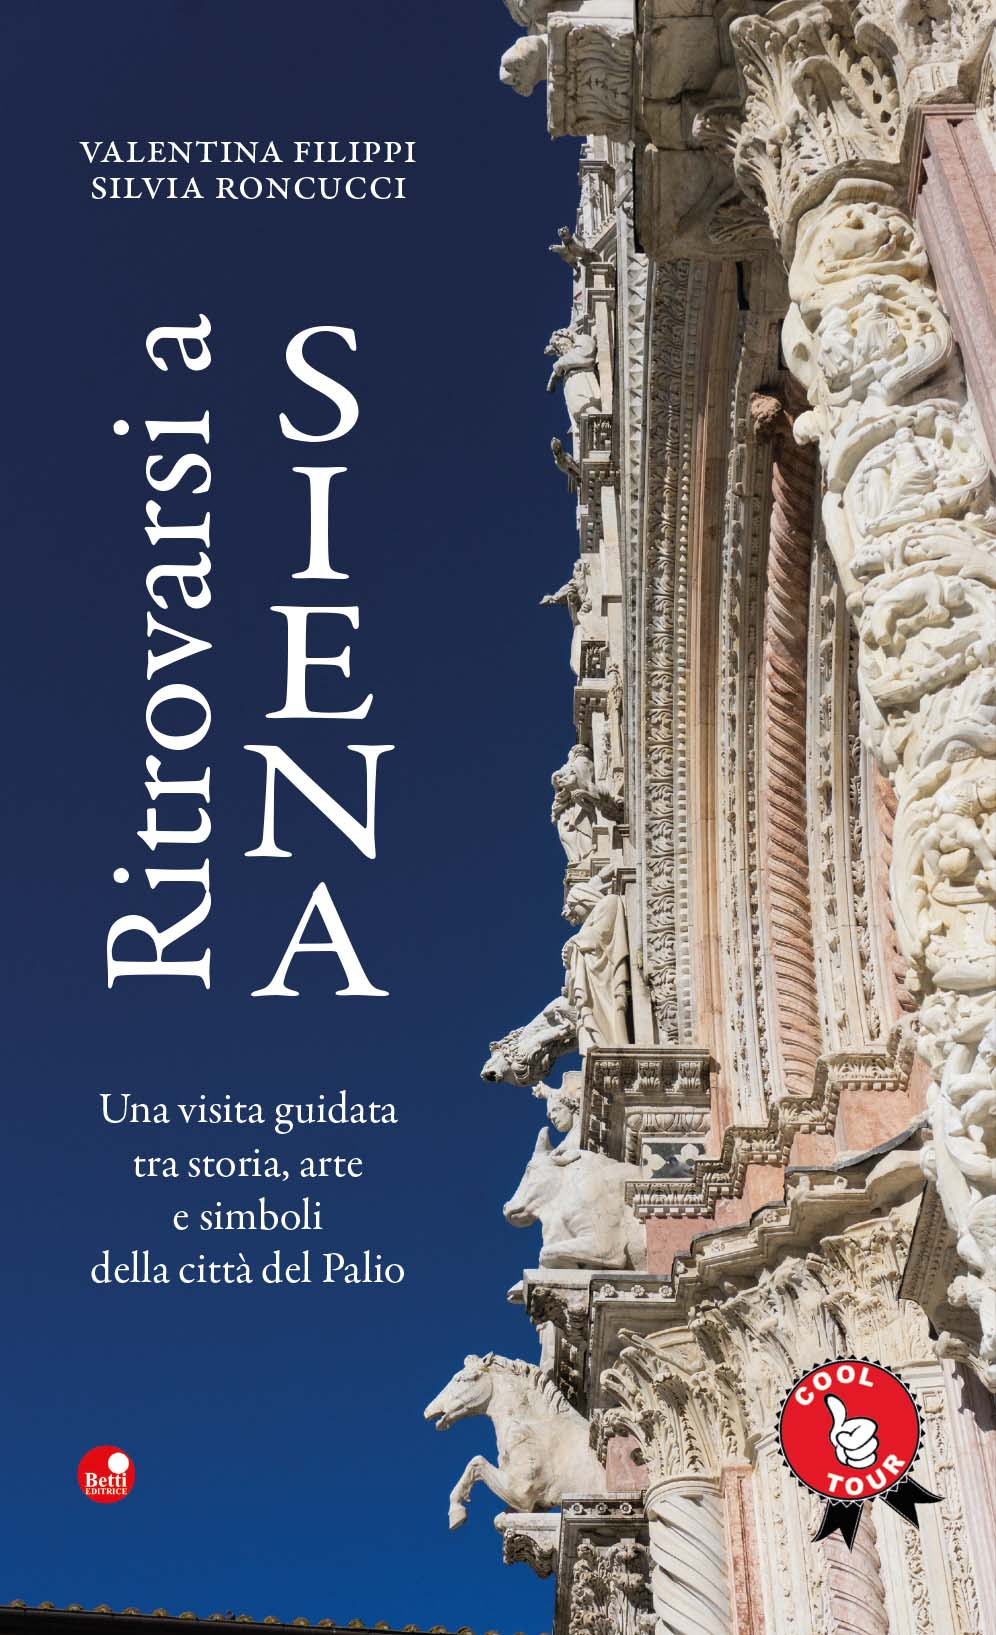 Ritrovarsi a Siena. La città vista con occhi nuovi